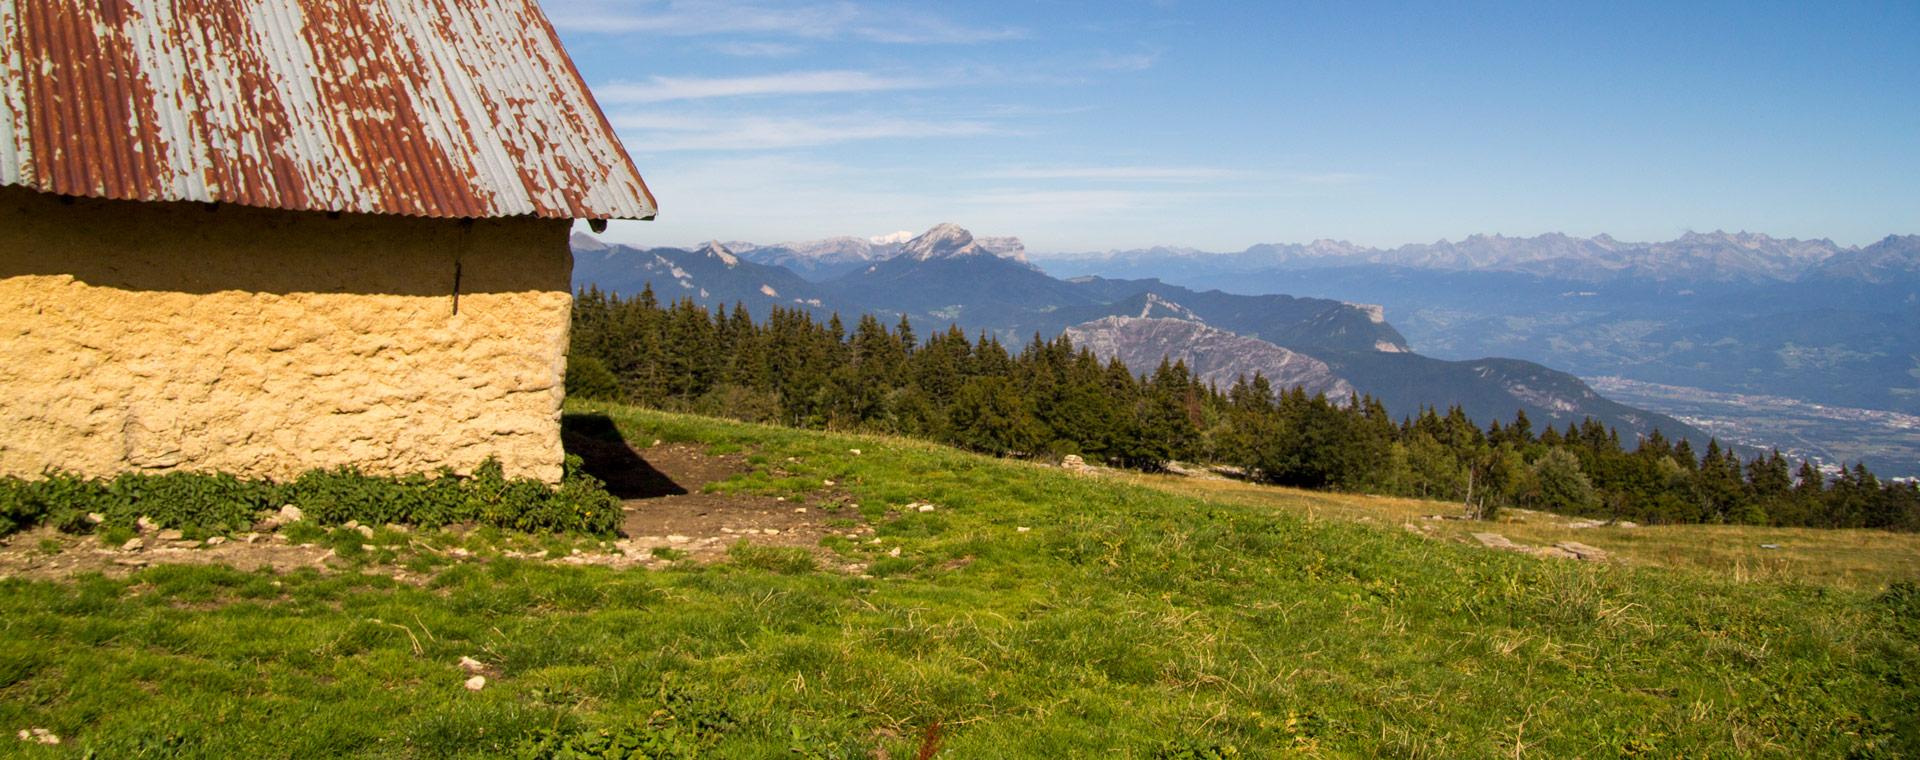 Voyage à pied : Randonnée Tour du Vercors